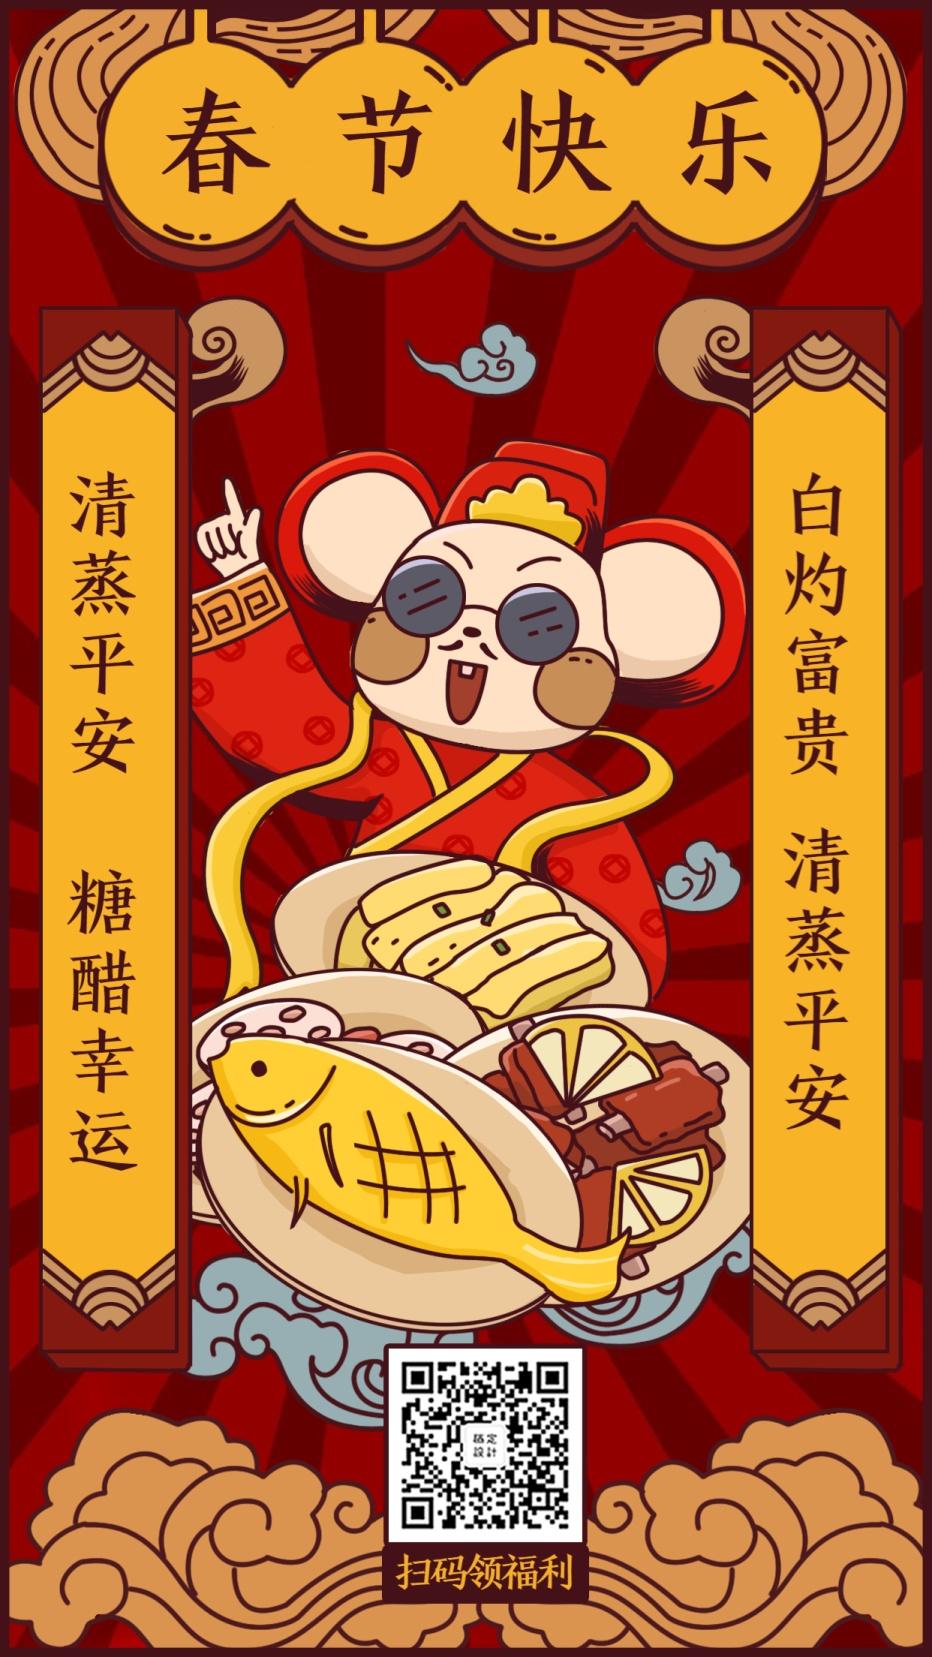 春节鼠年祝福/餐饮美食/创意可爱/手机海报